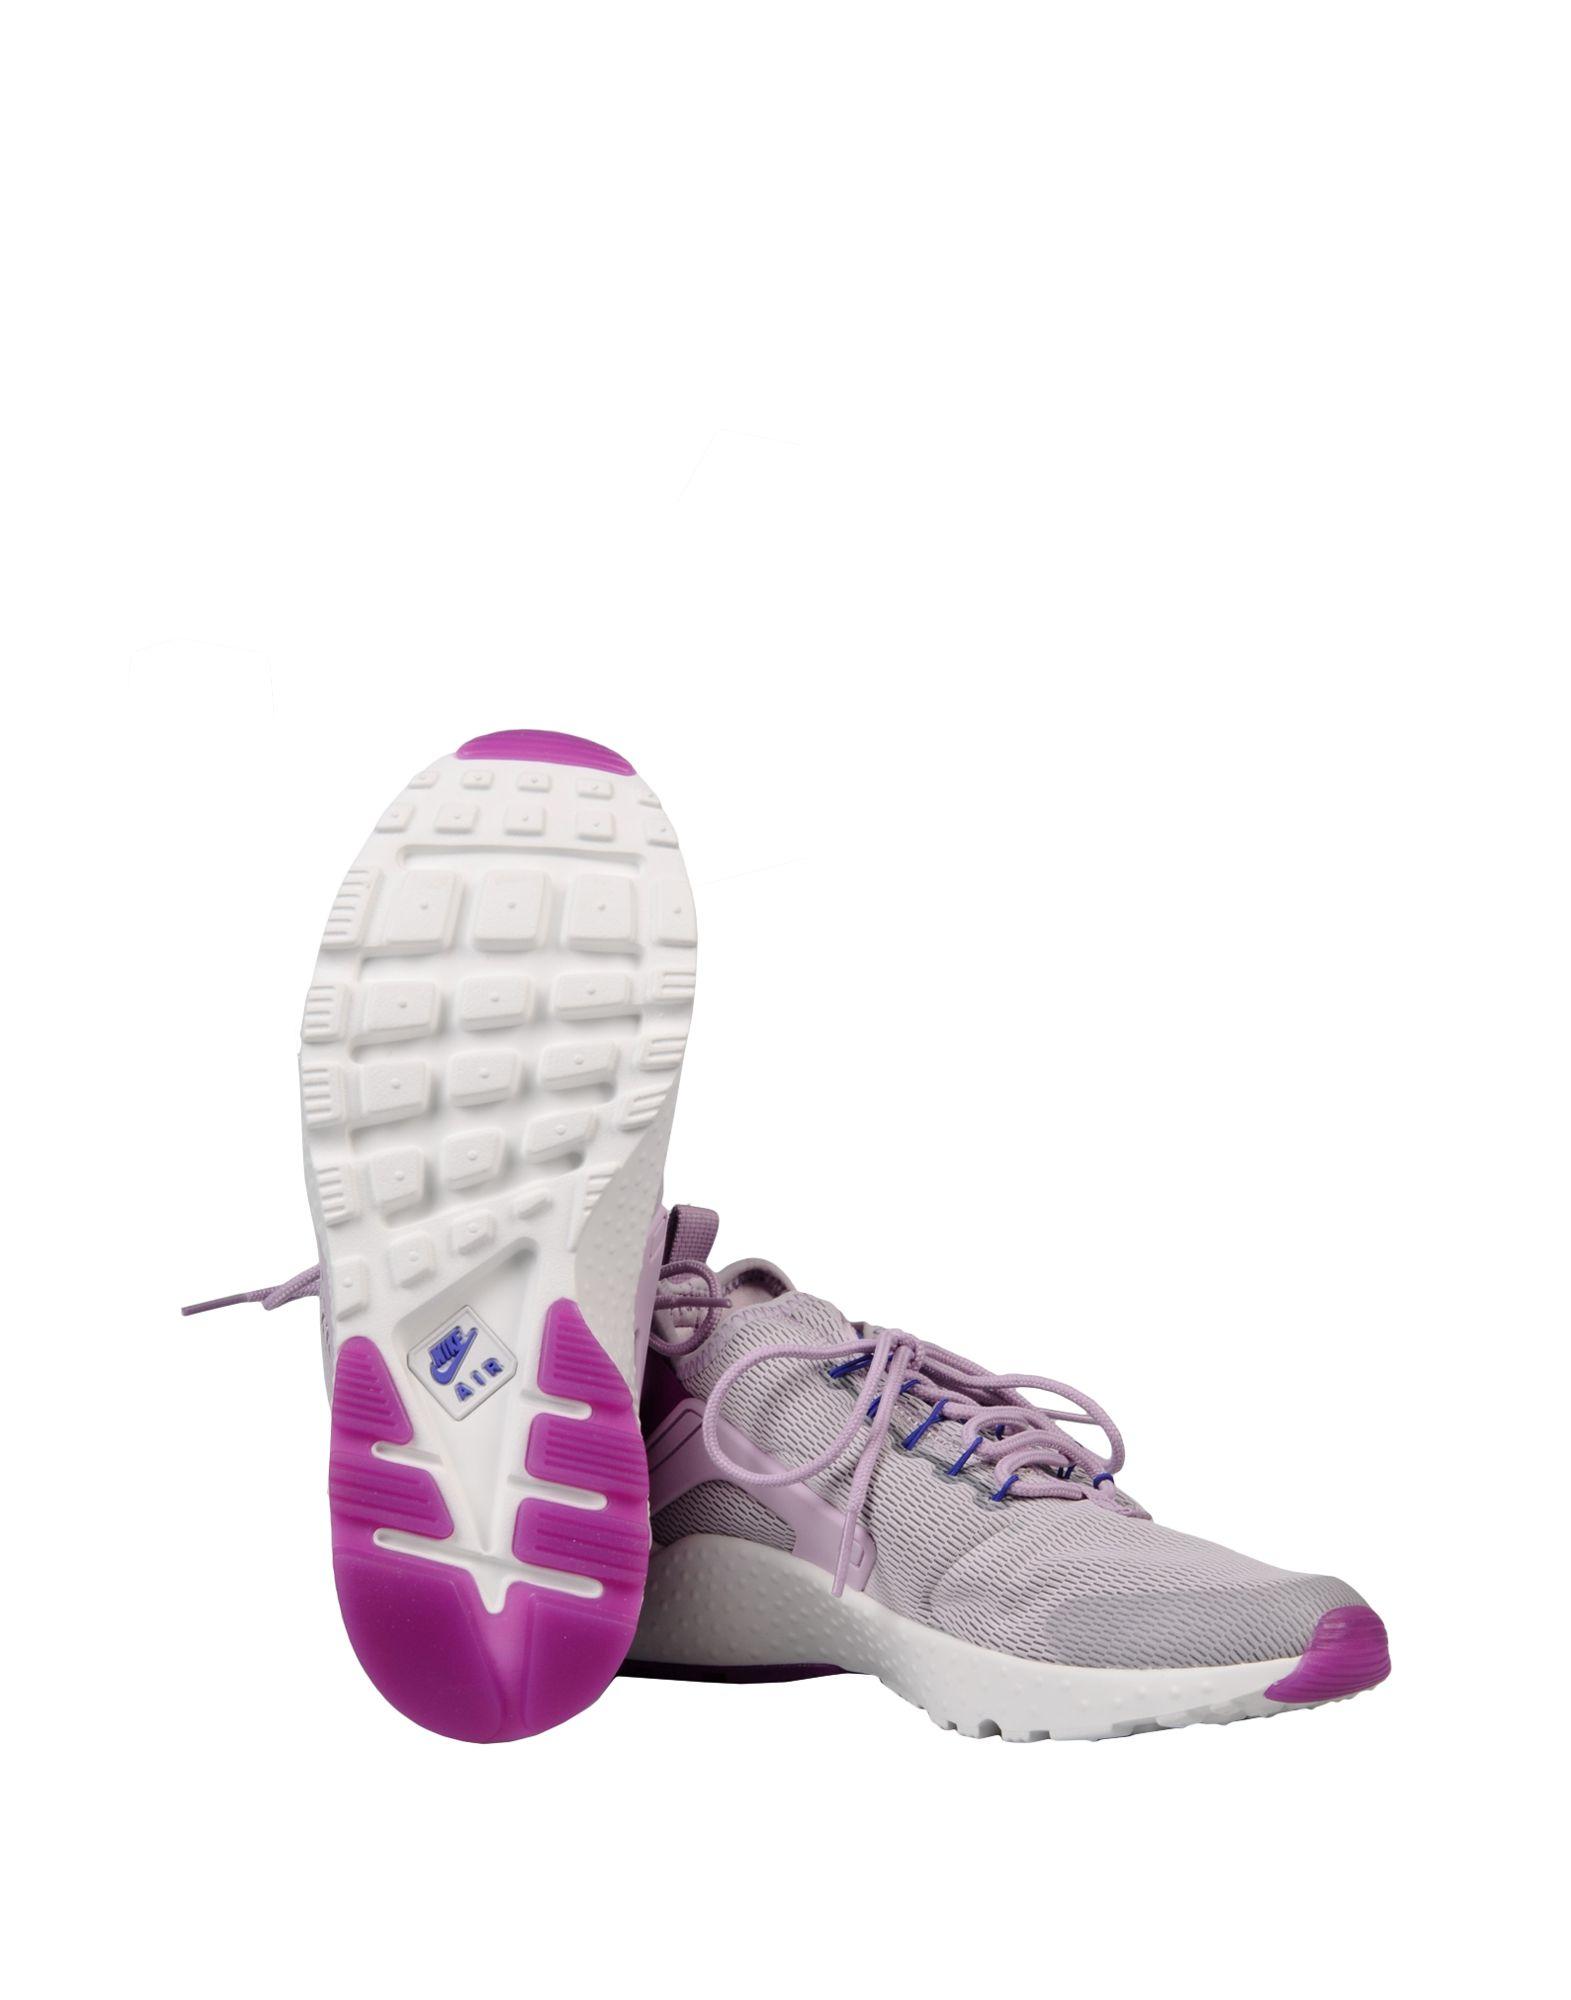 Nike W W Nike Air Huarache Run Ultra Gutes Preis-Leistungs-Verhältnis, es lohnt sich fb3e5d